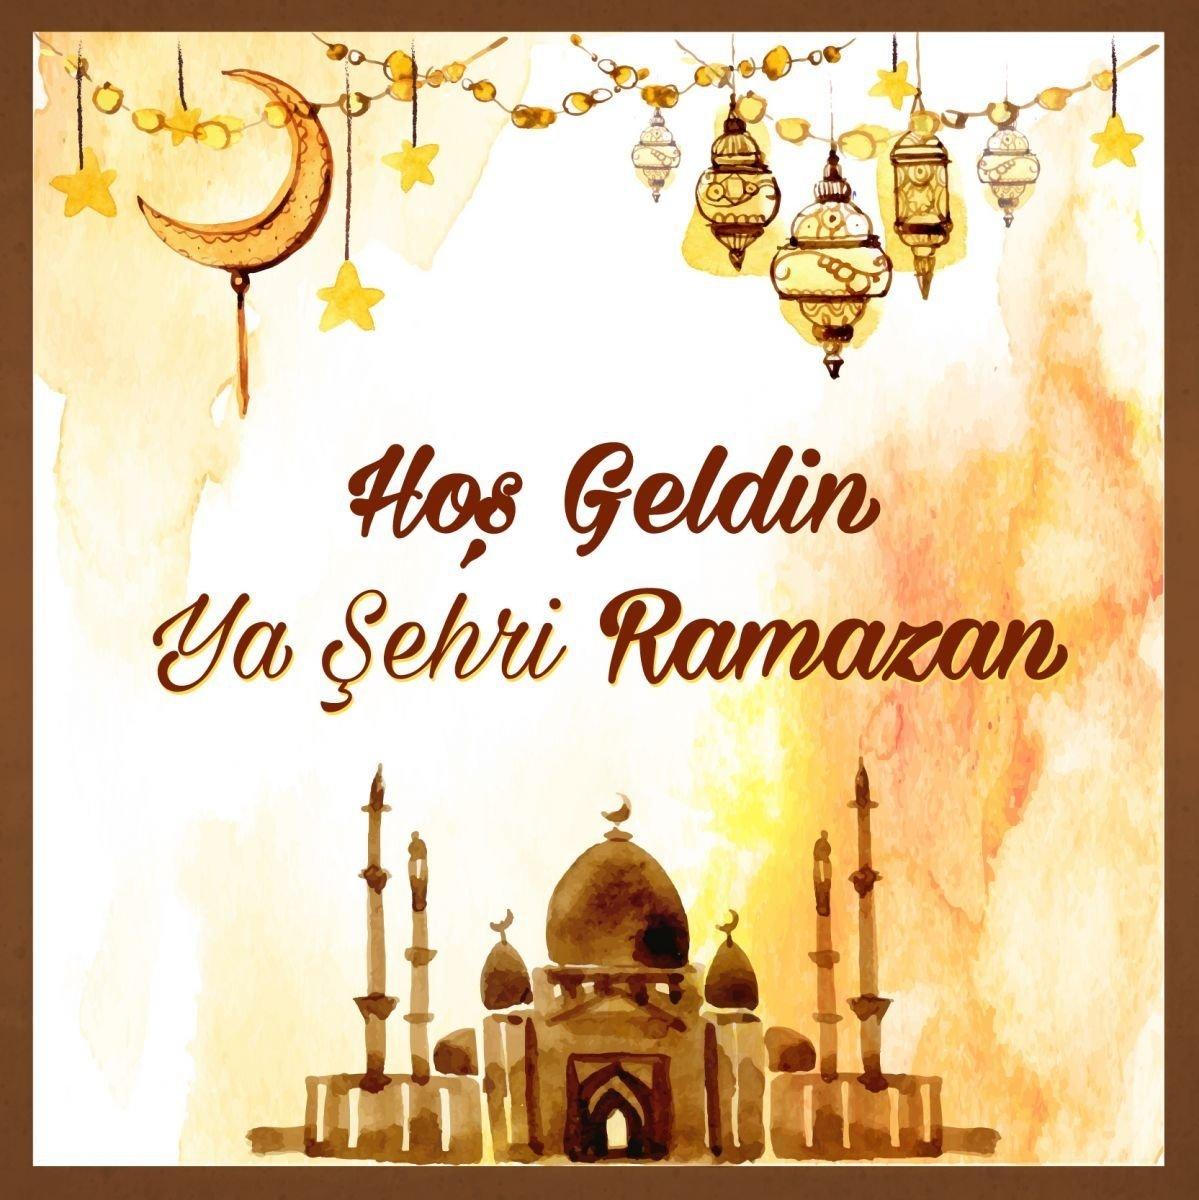 Ramazan mesajları 2018! On bir ayın sultanı Resimli 'Hoşgedin Ramazan' mesajları